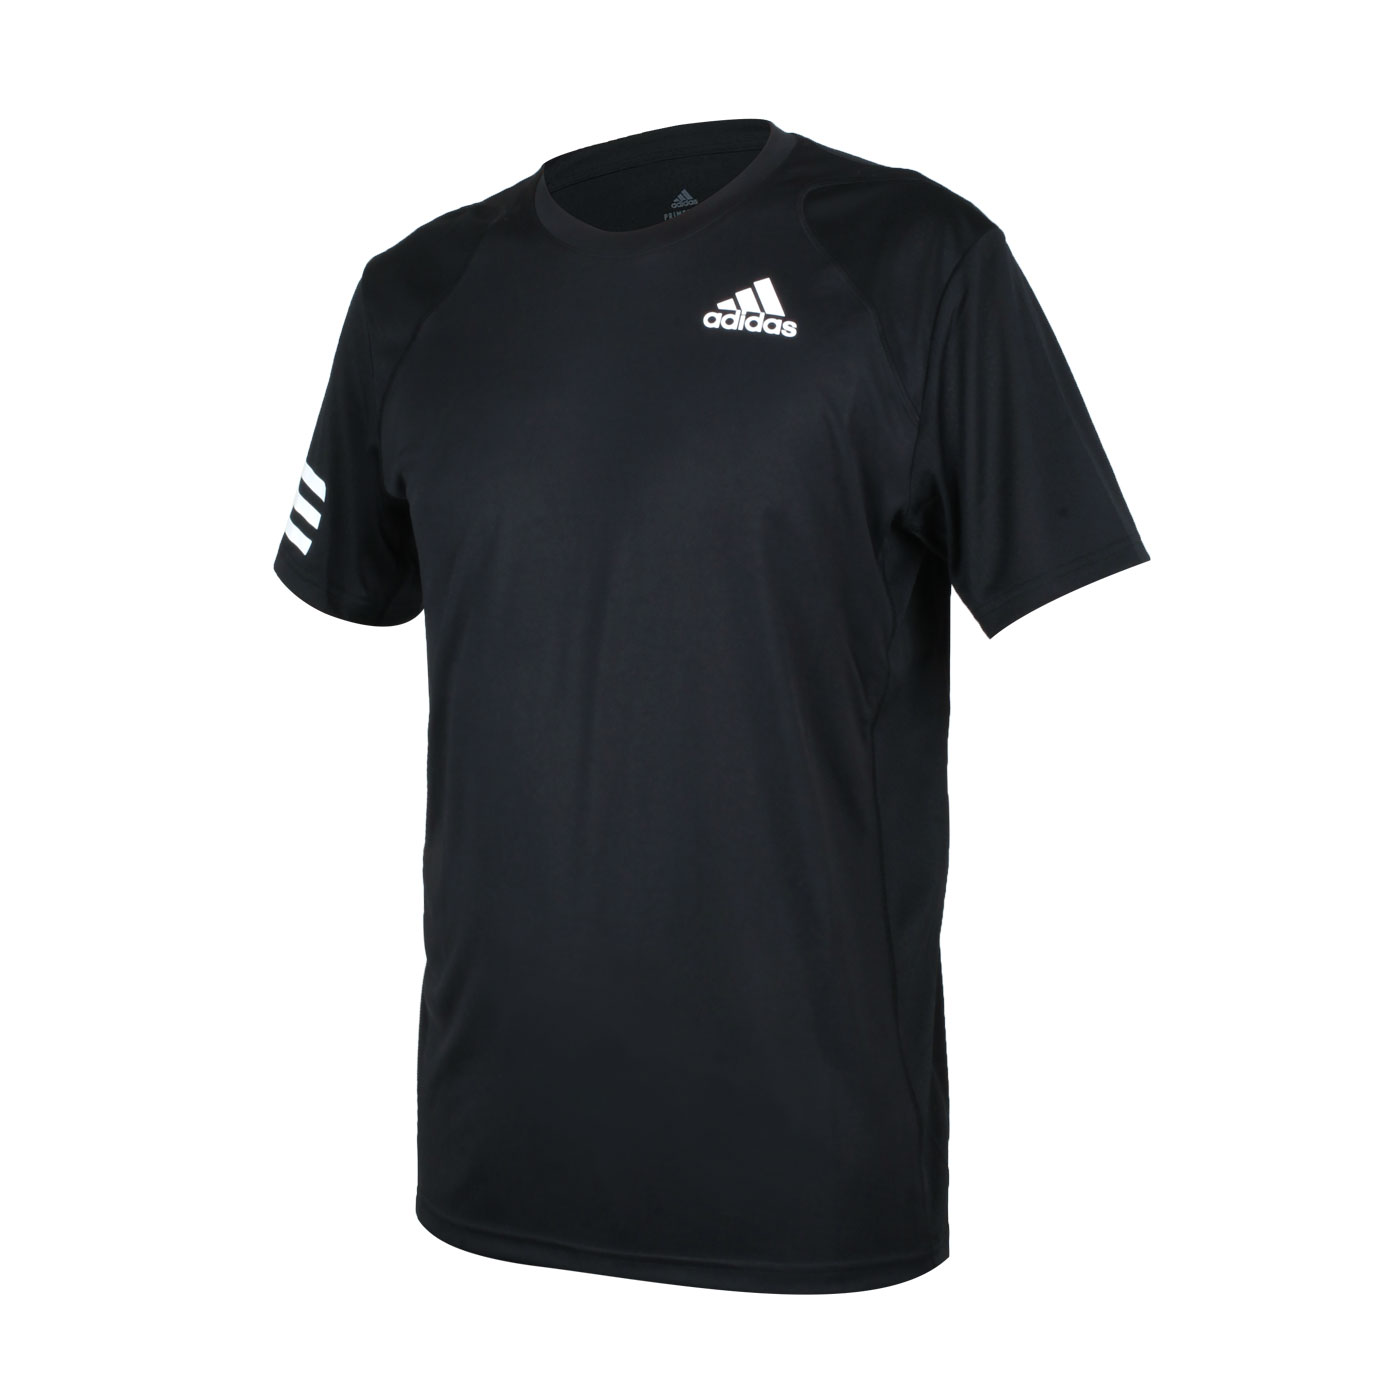 ADIDAS 男款短袖T恤 GL5403